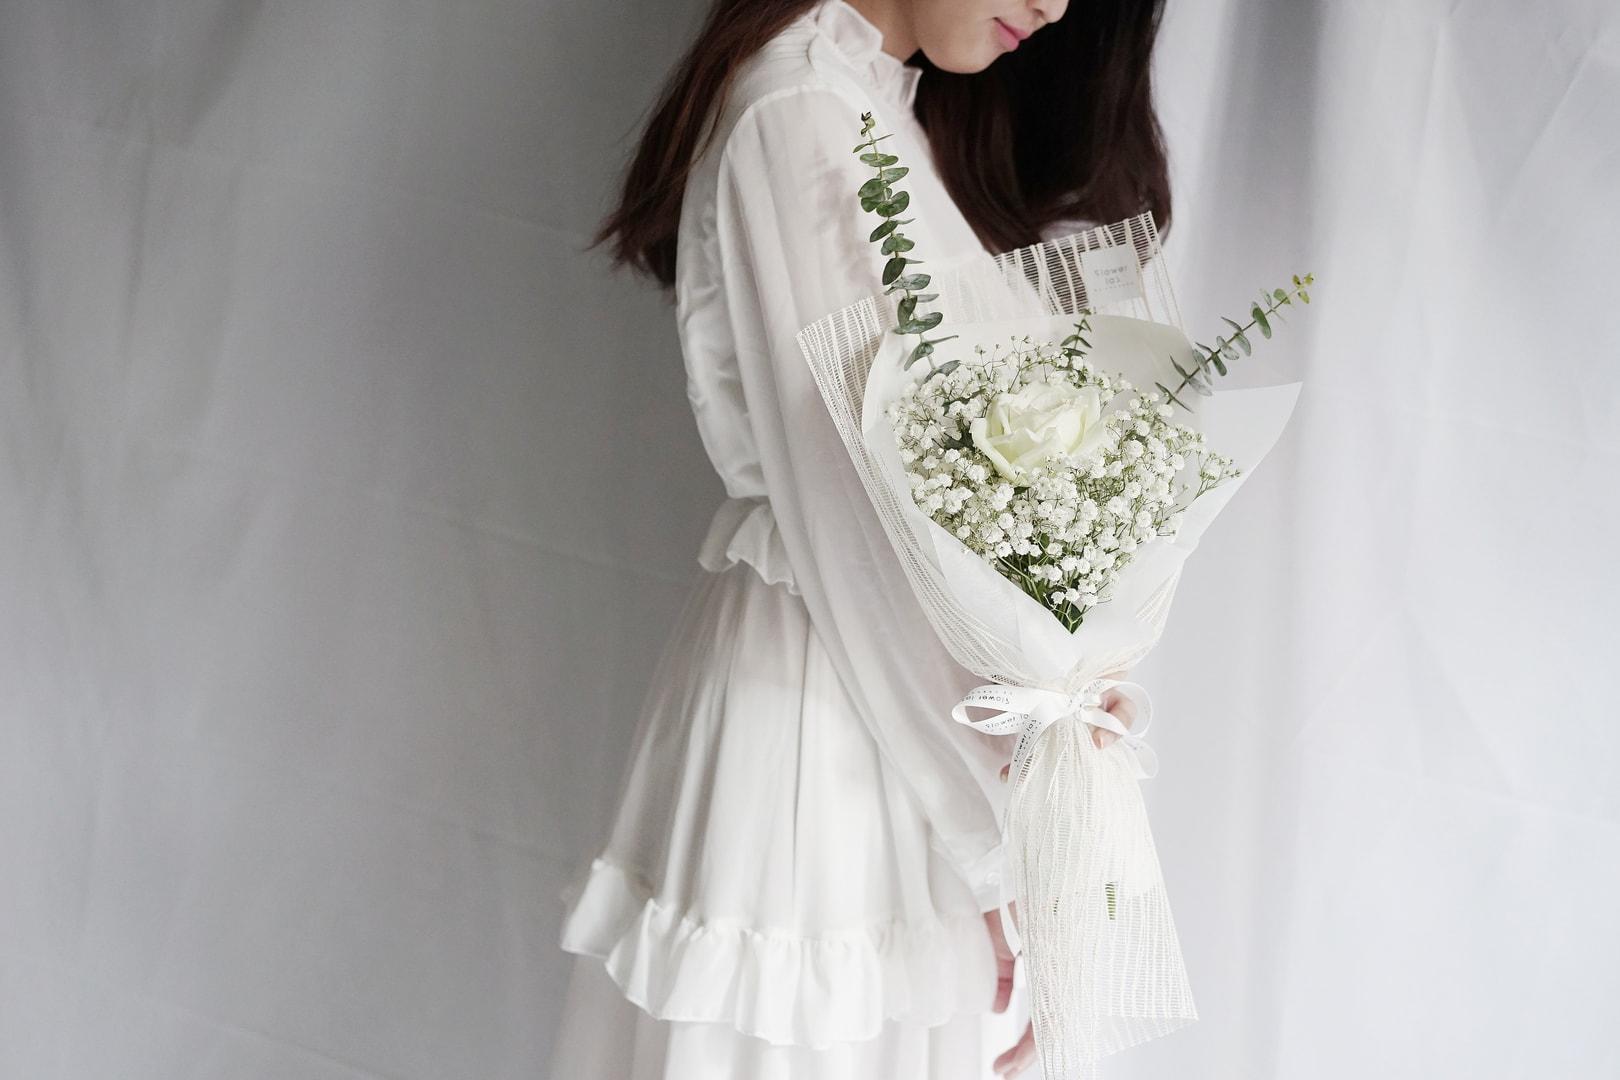 ช่อดอกไม้สีขาว จากร้านดอกไม้ Flowerlab by Chanana